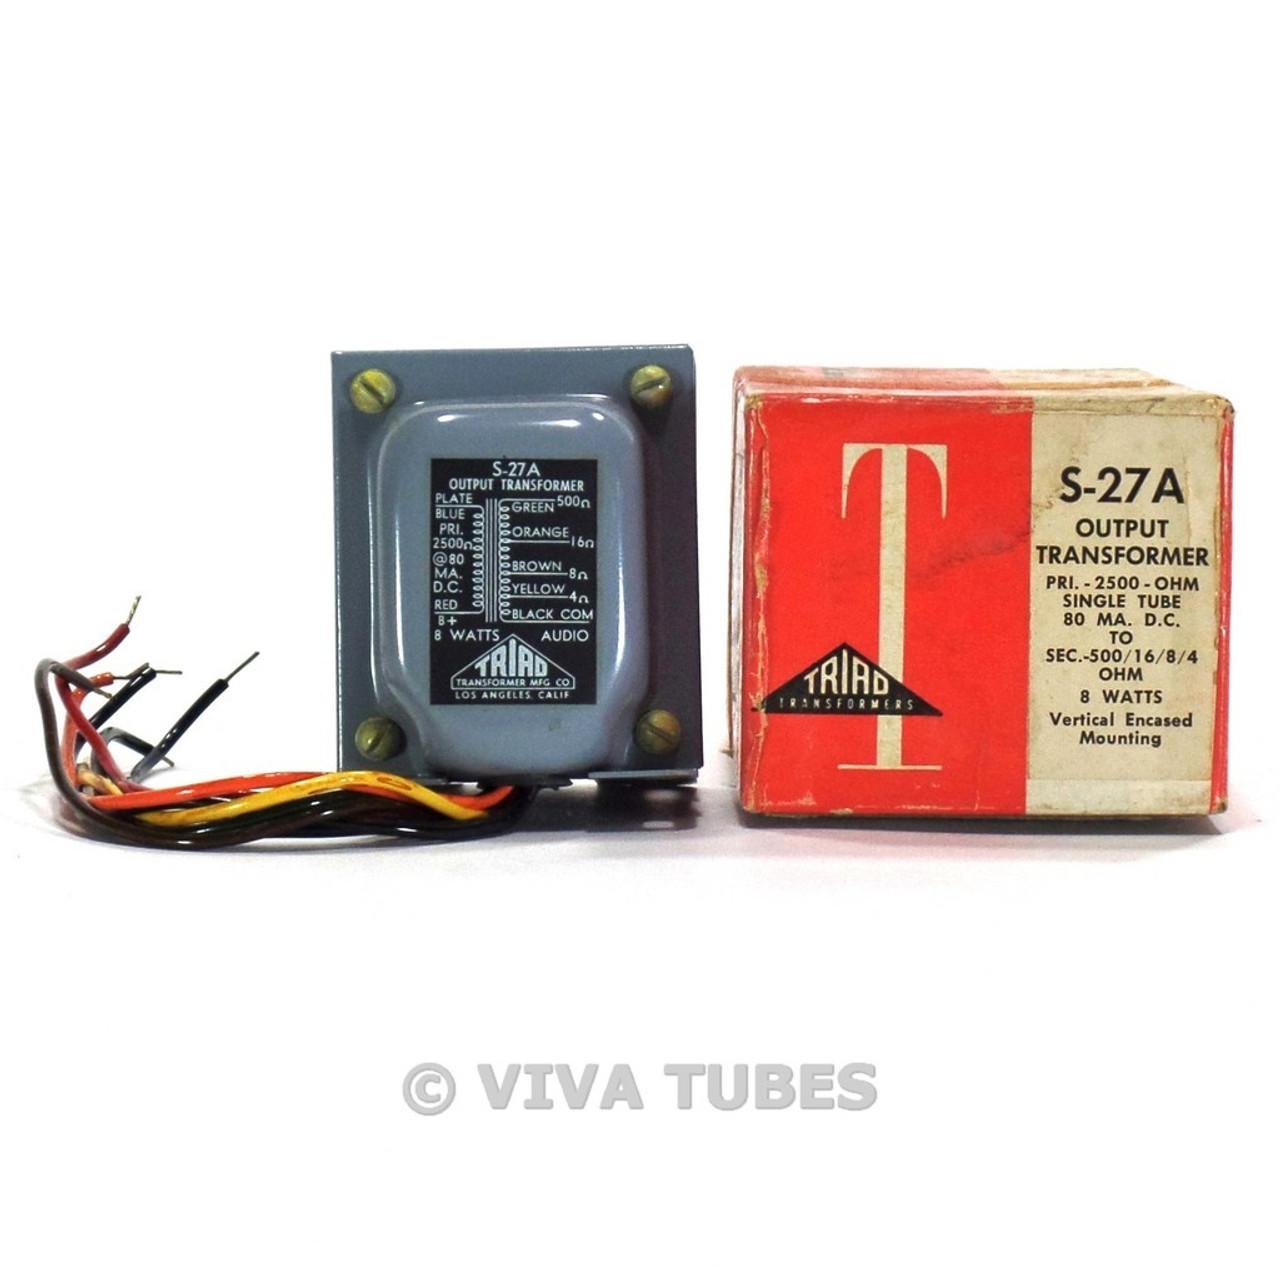 Hifi RRARE NOS NIB Triad S-27A Tube Amp Output Transformer 80mADC 8 Watts